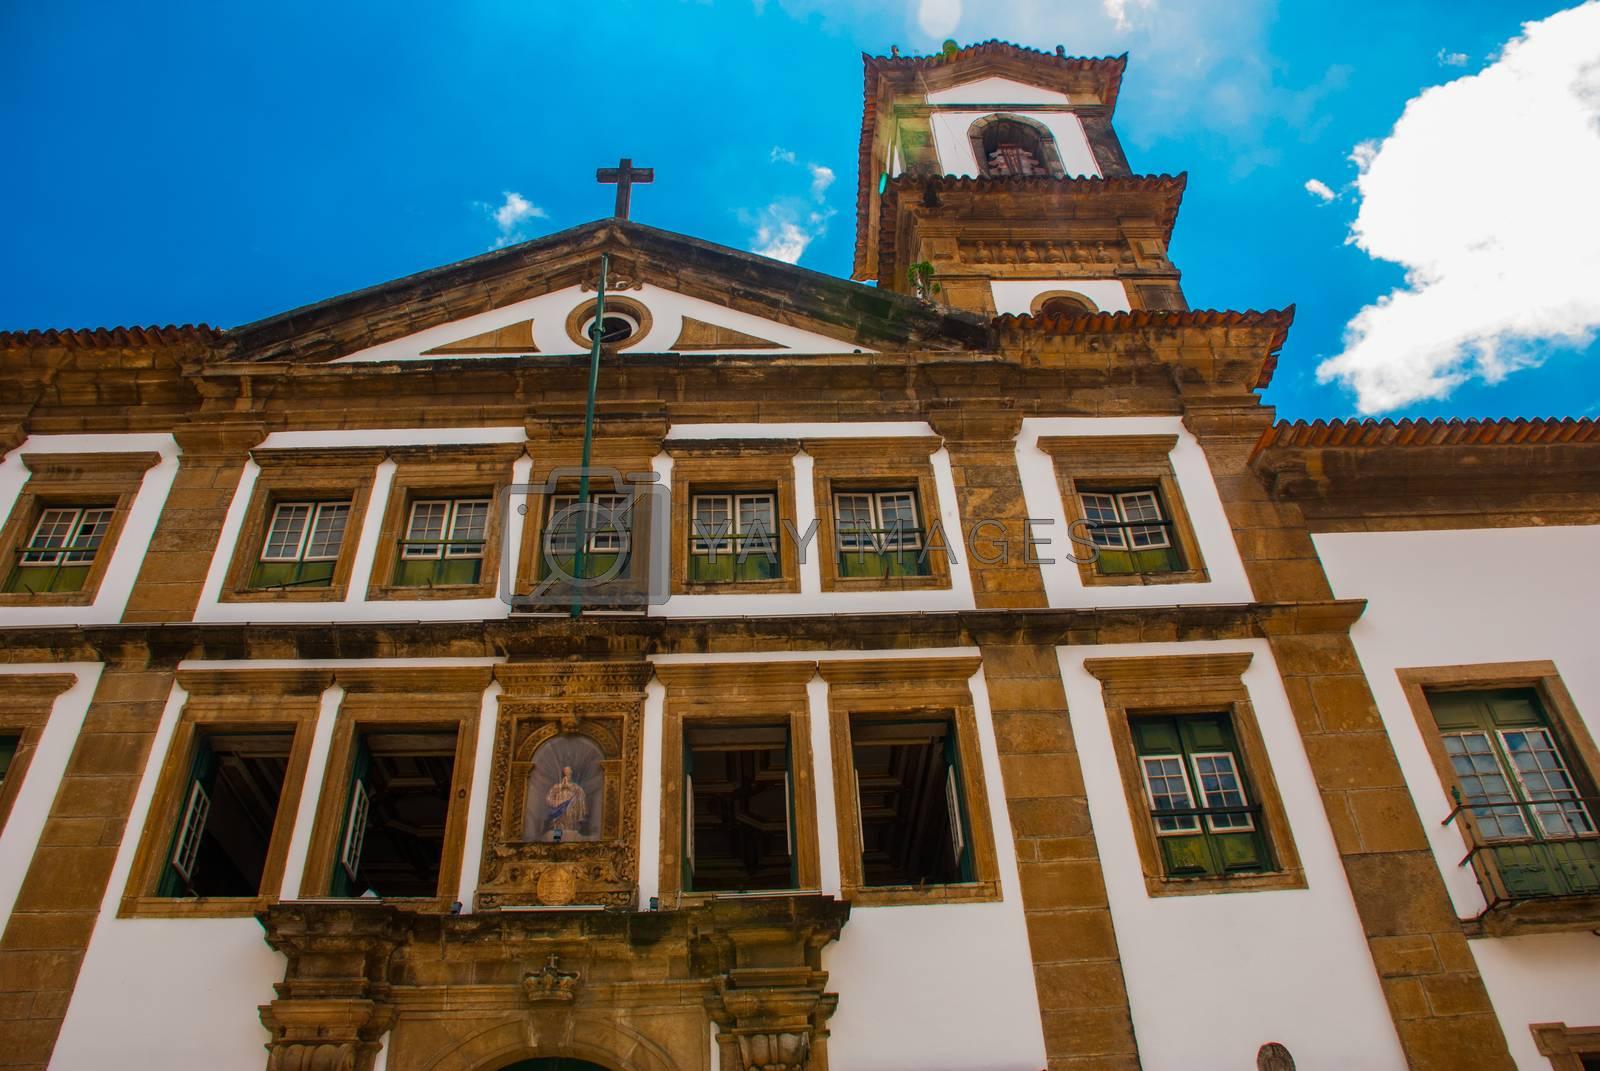 SALVADOR, BAHIA, BRAZIL - MARCH 2019: Catholic church, historic district of Pelourinho.